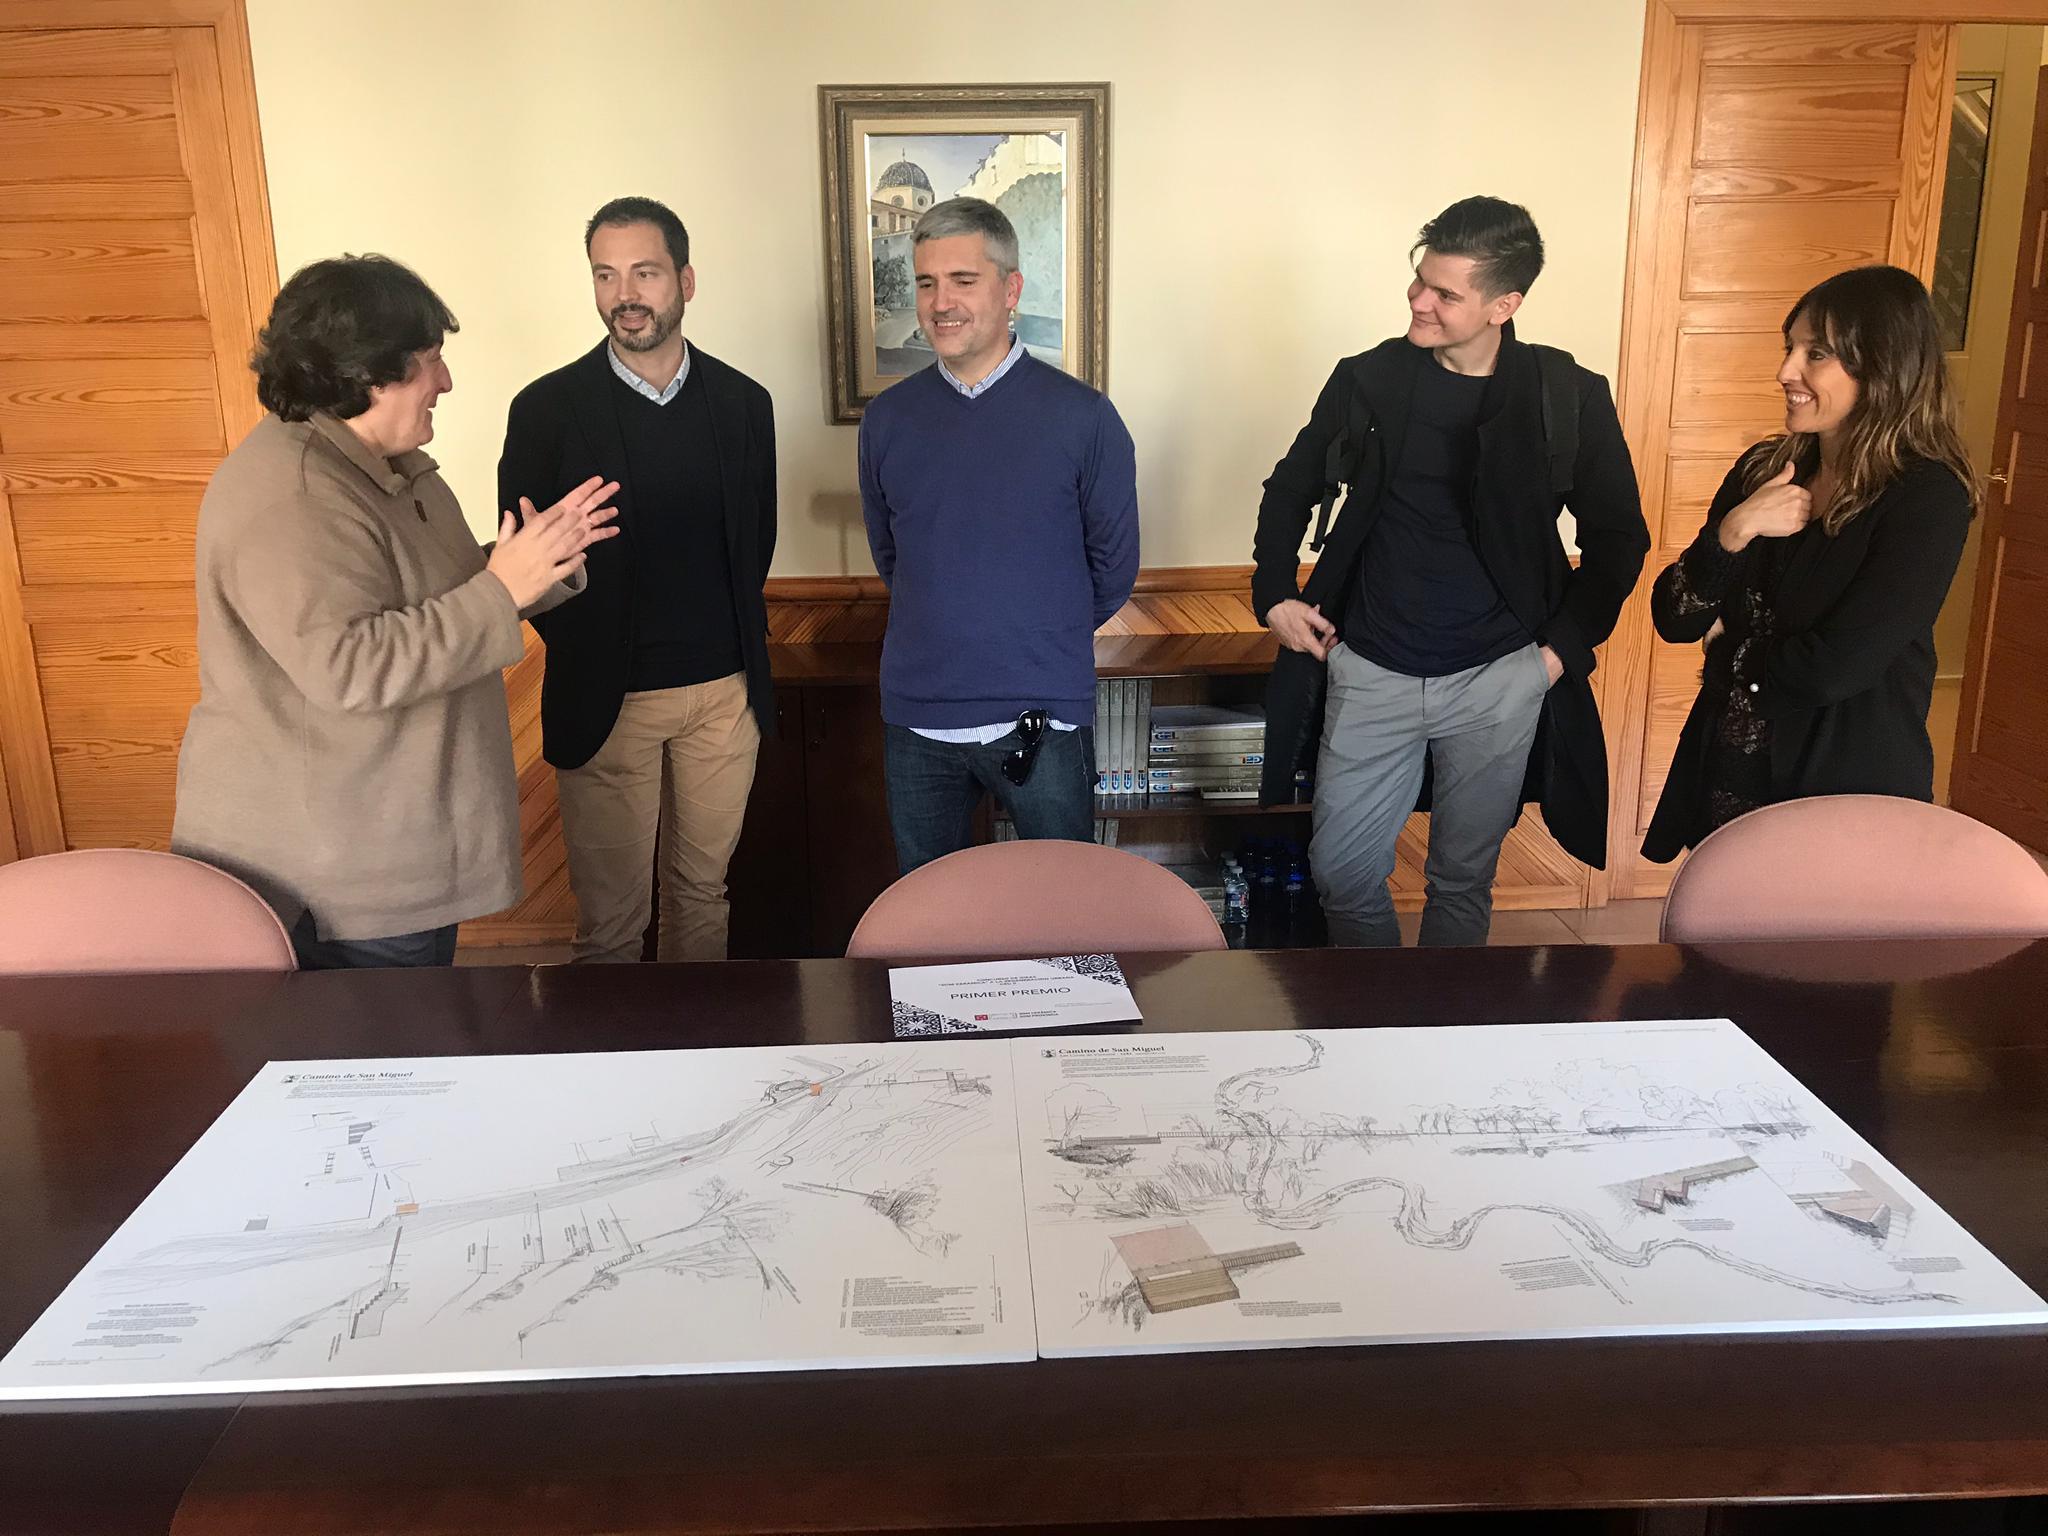 Coves; Les Coves de Vinromà començarà en 2020 amb el projecte premiat per Diputació per a reconvertir el Camí Nou en una ruta urbana verda